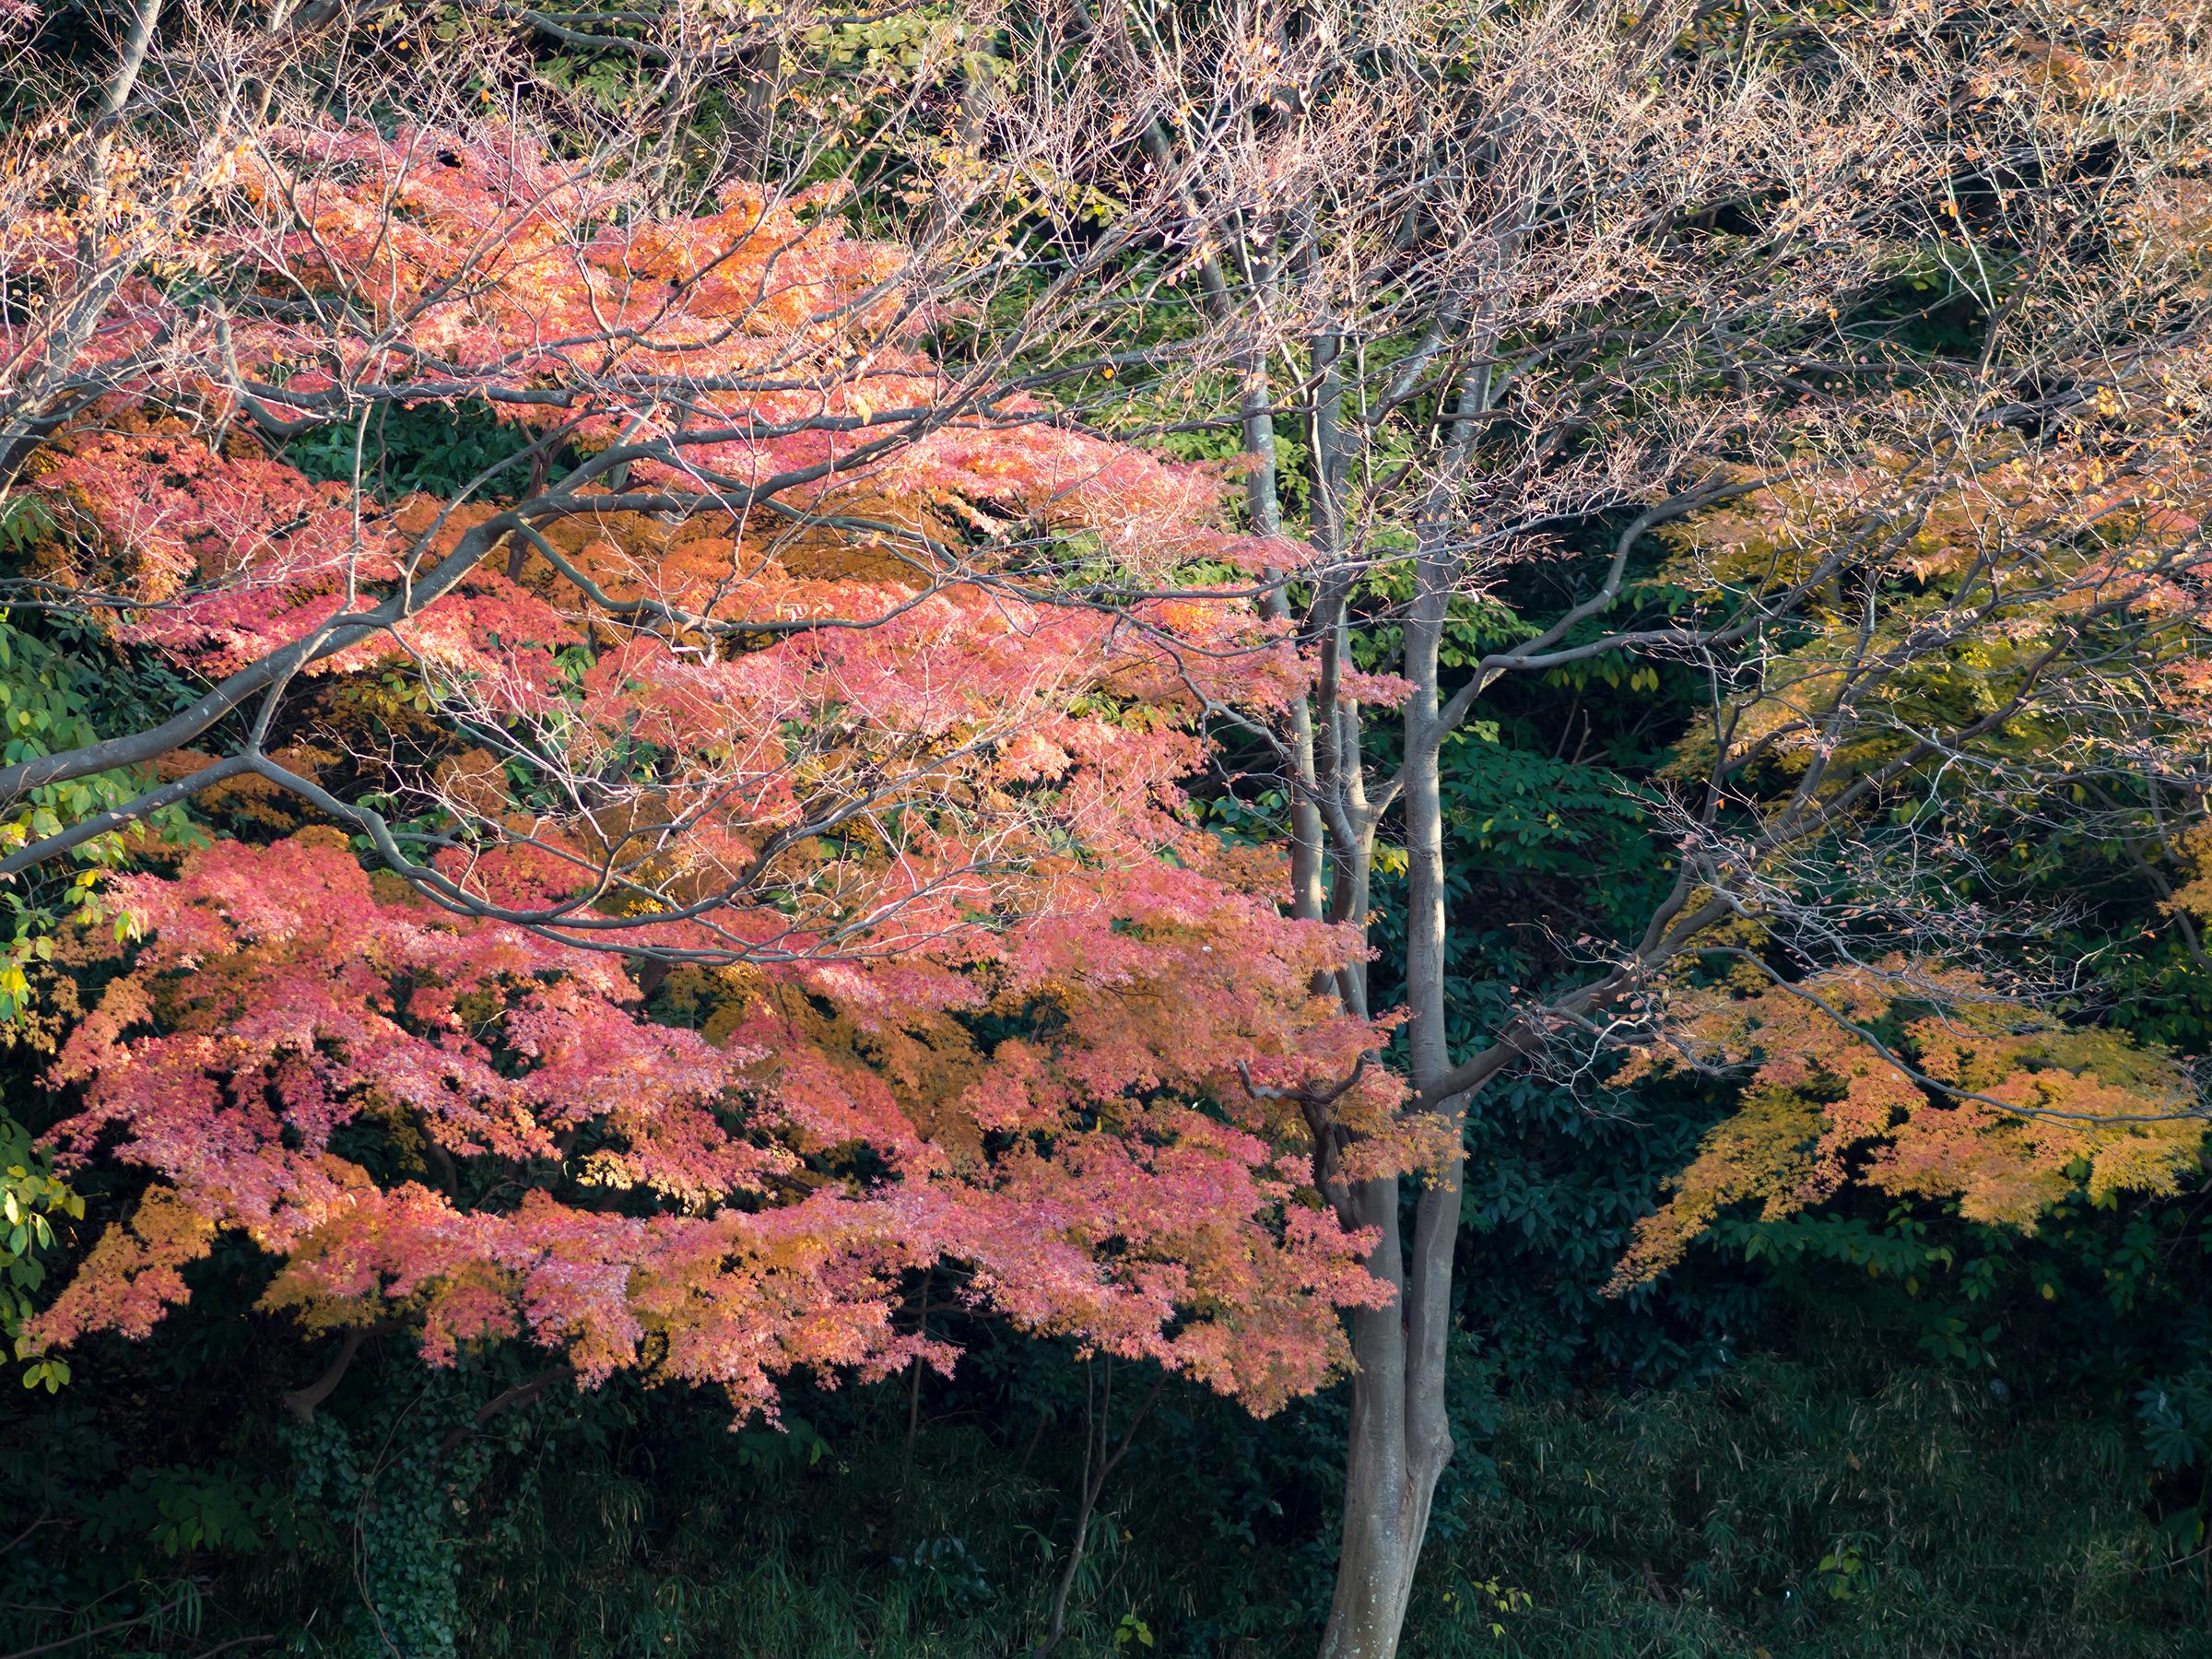 光明寺は京都有数の紅葉の名所!アクセスや御朱印・拝観料もチェック!